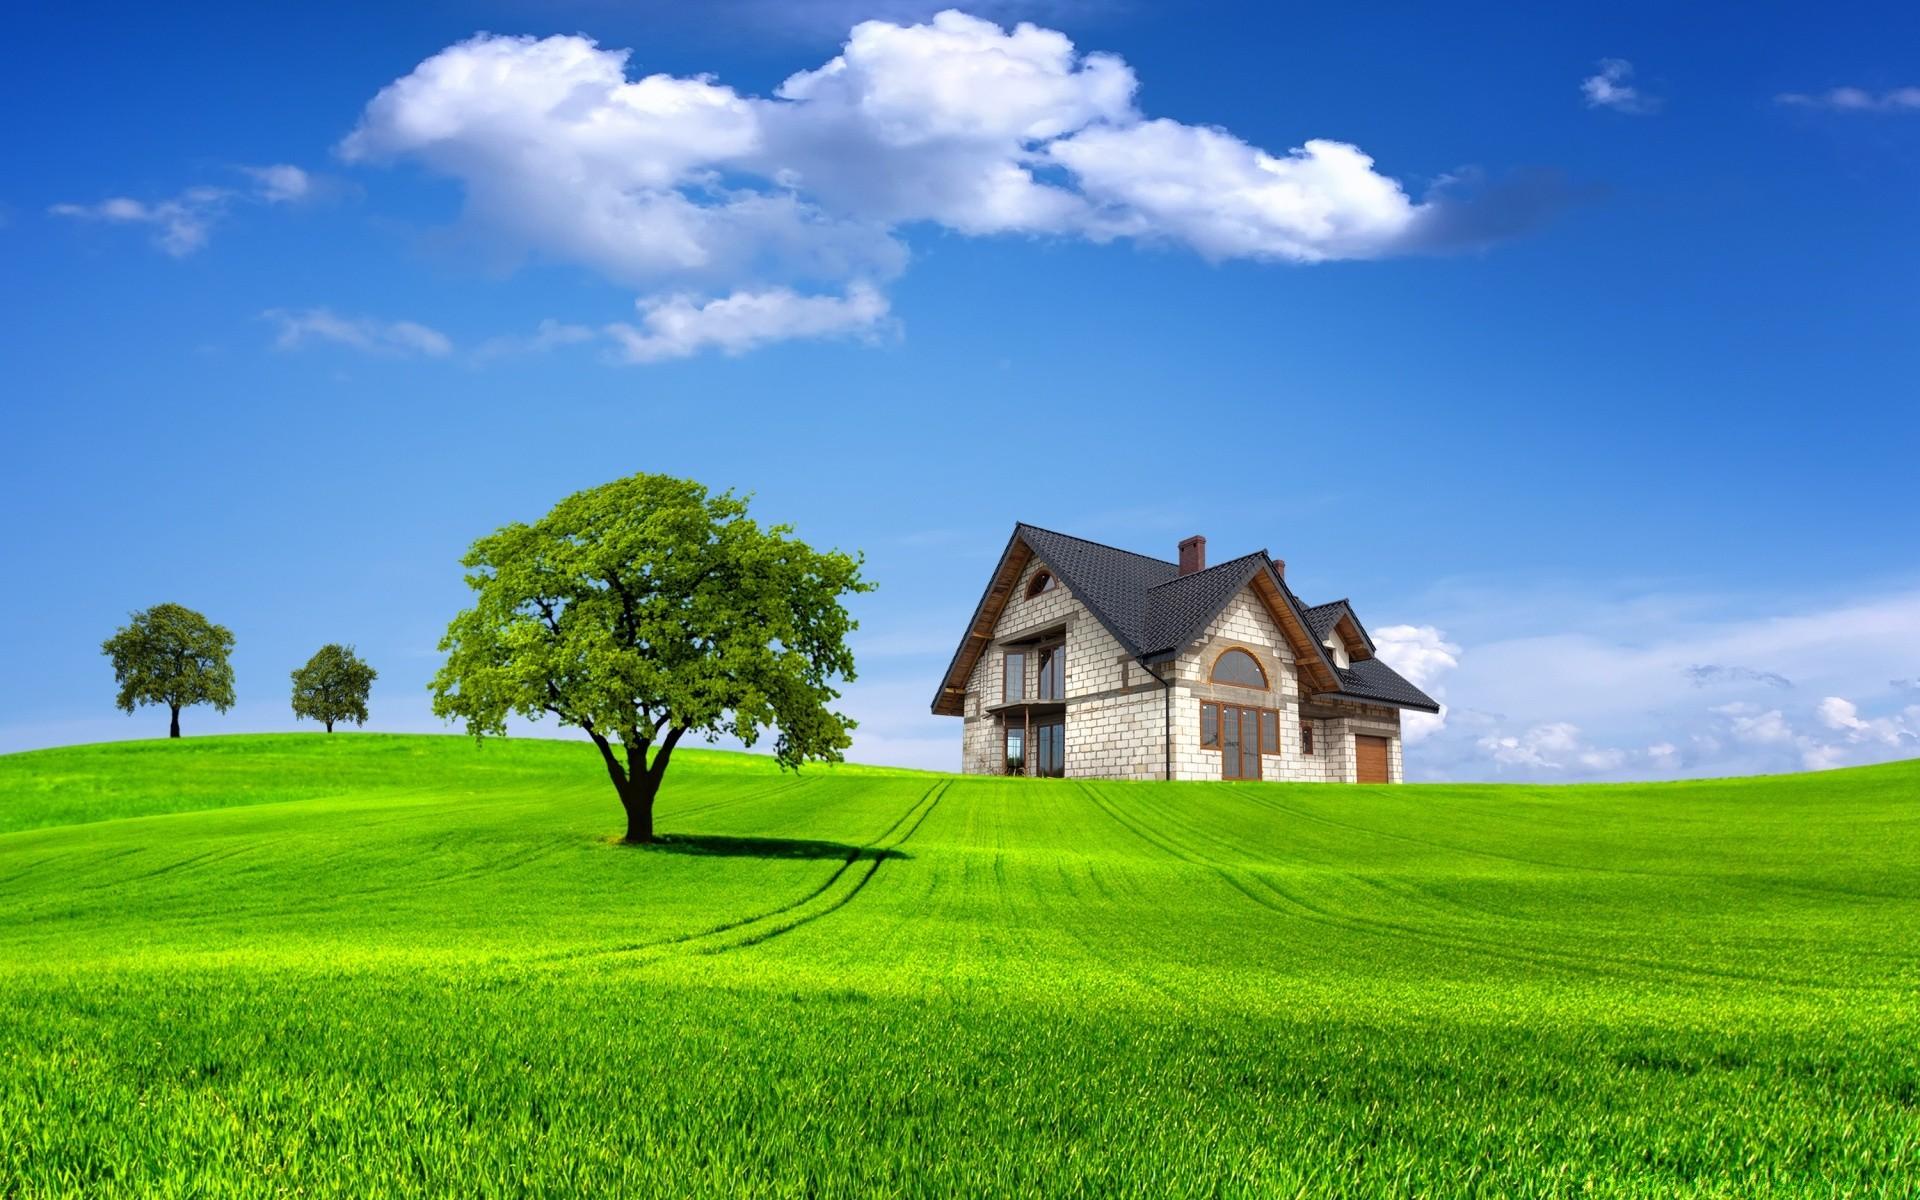 Картинки с домами в даль